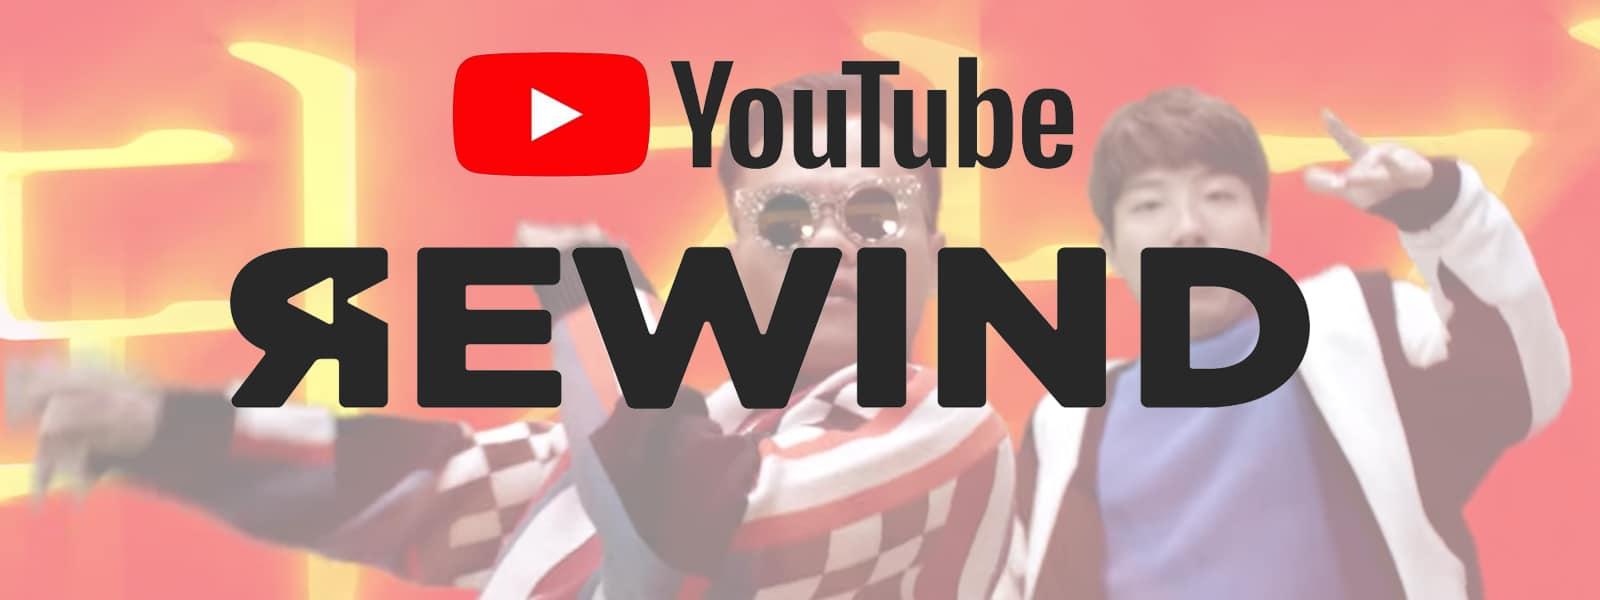 YouTube Rewind 2018 สรุปเทรนด์เด็ด วิดีโอฮิต และการร่วมงานกันของครีเอเตอร์ทั่วโลก